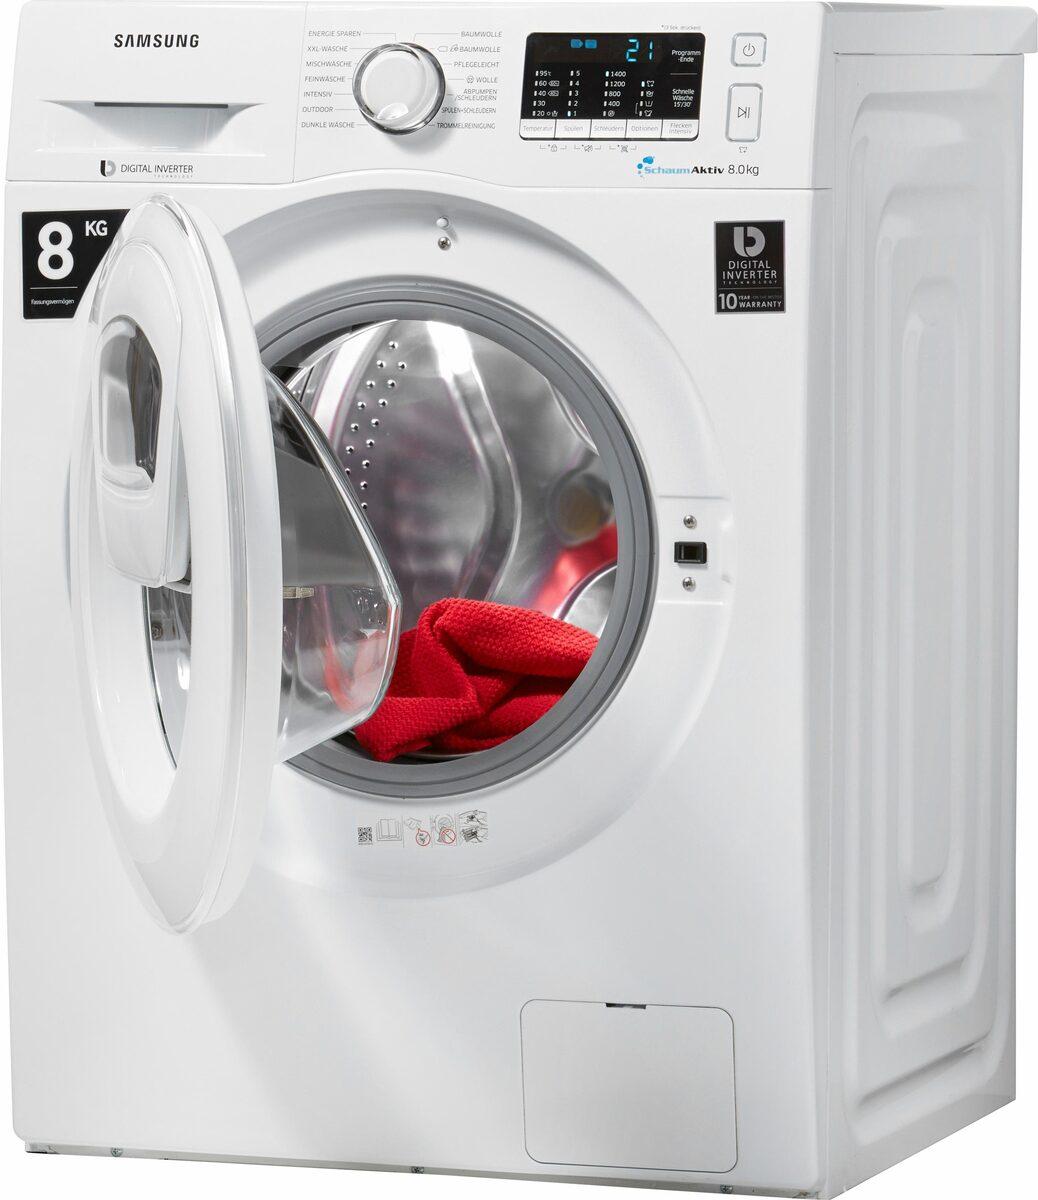 Bild 2 von Samsung Waschmaschine AddWash WW5500 WW80K5400WW, 8 kg, 1400 U/Min, AddWash & FleckenIntensiv